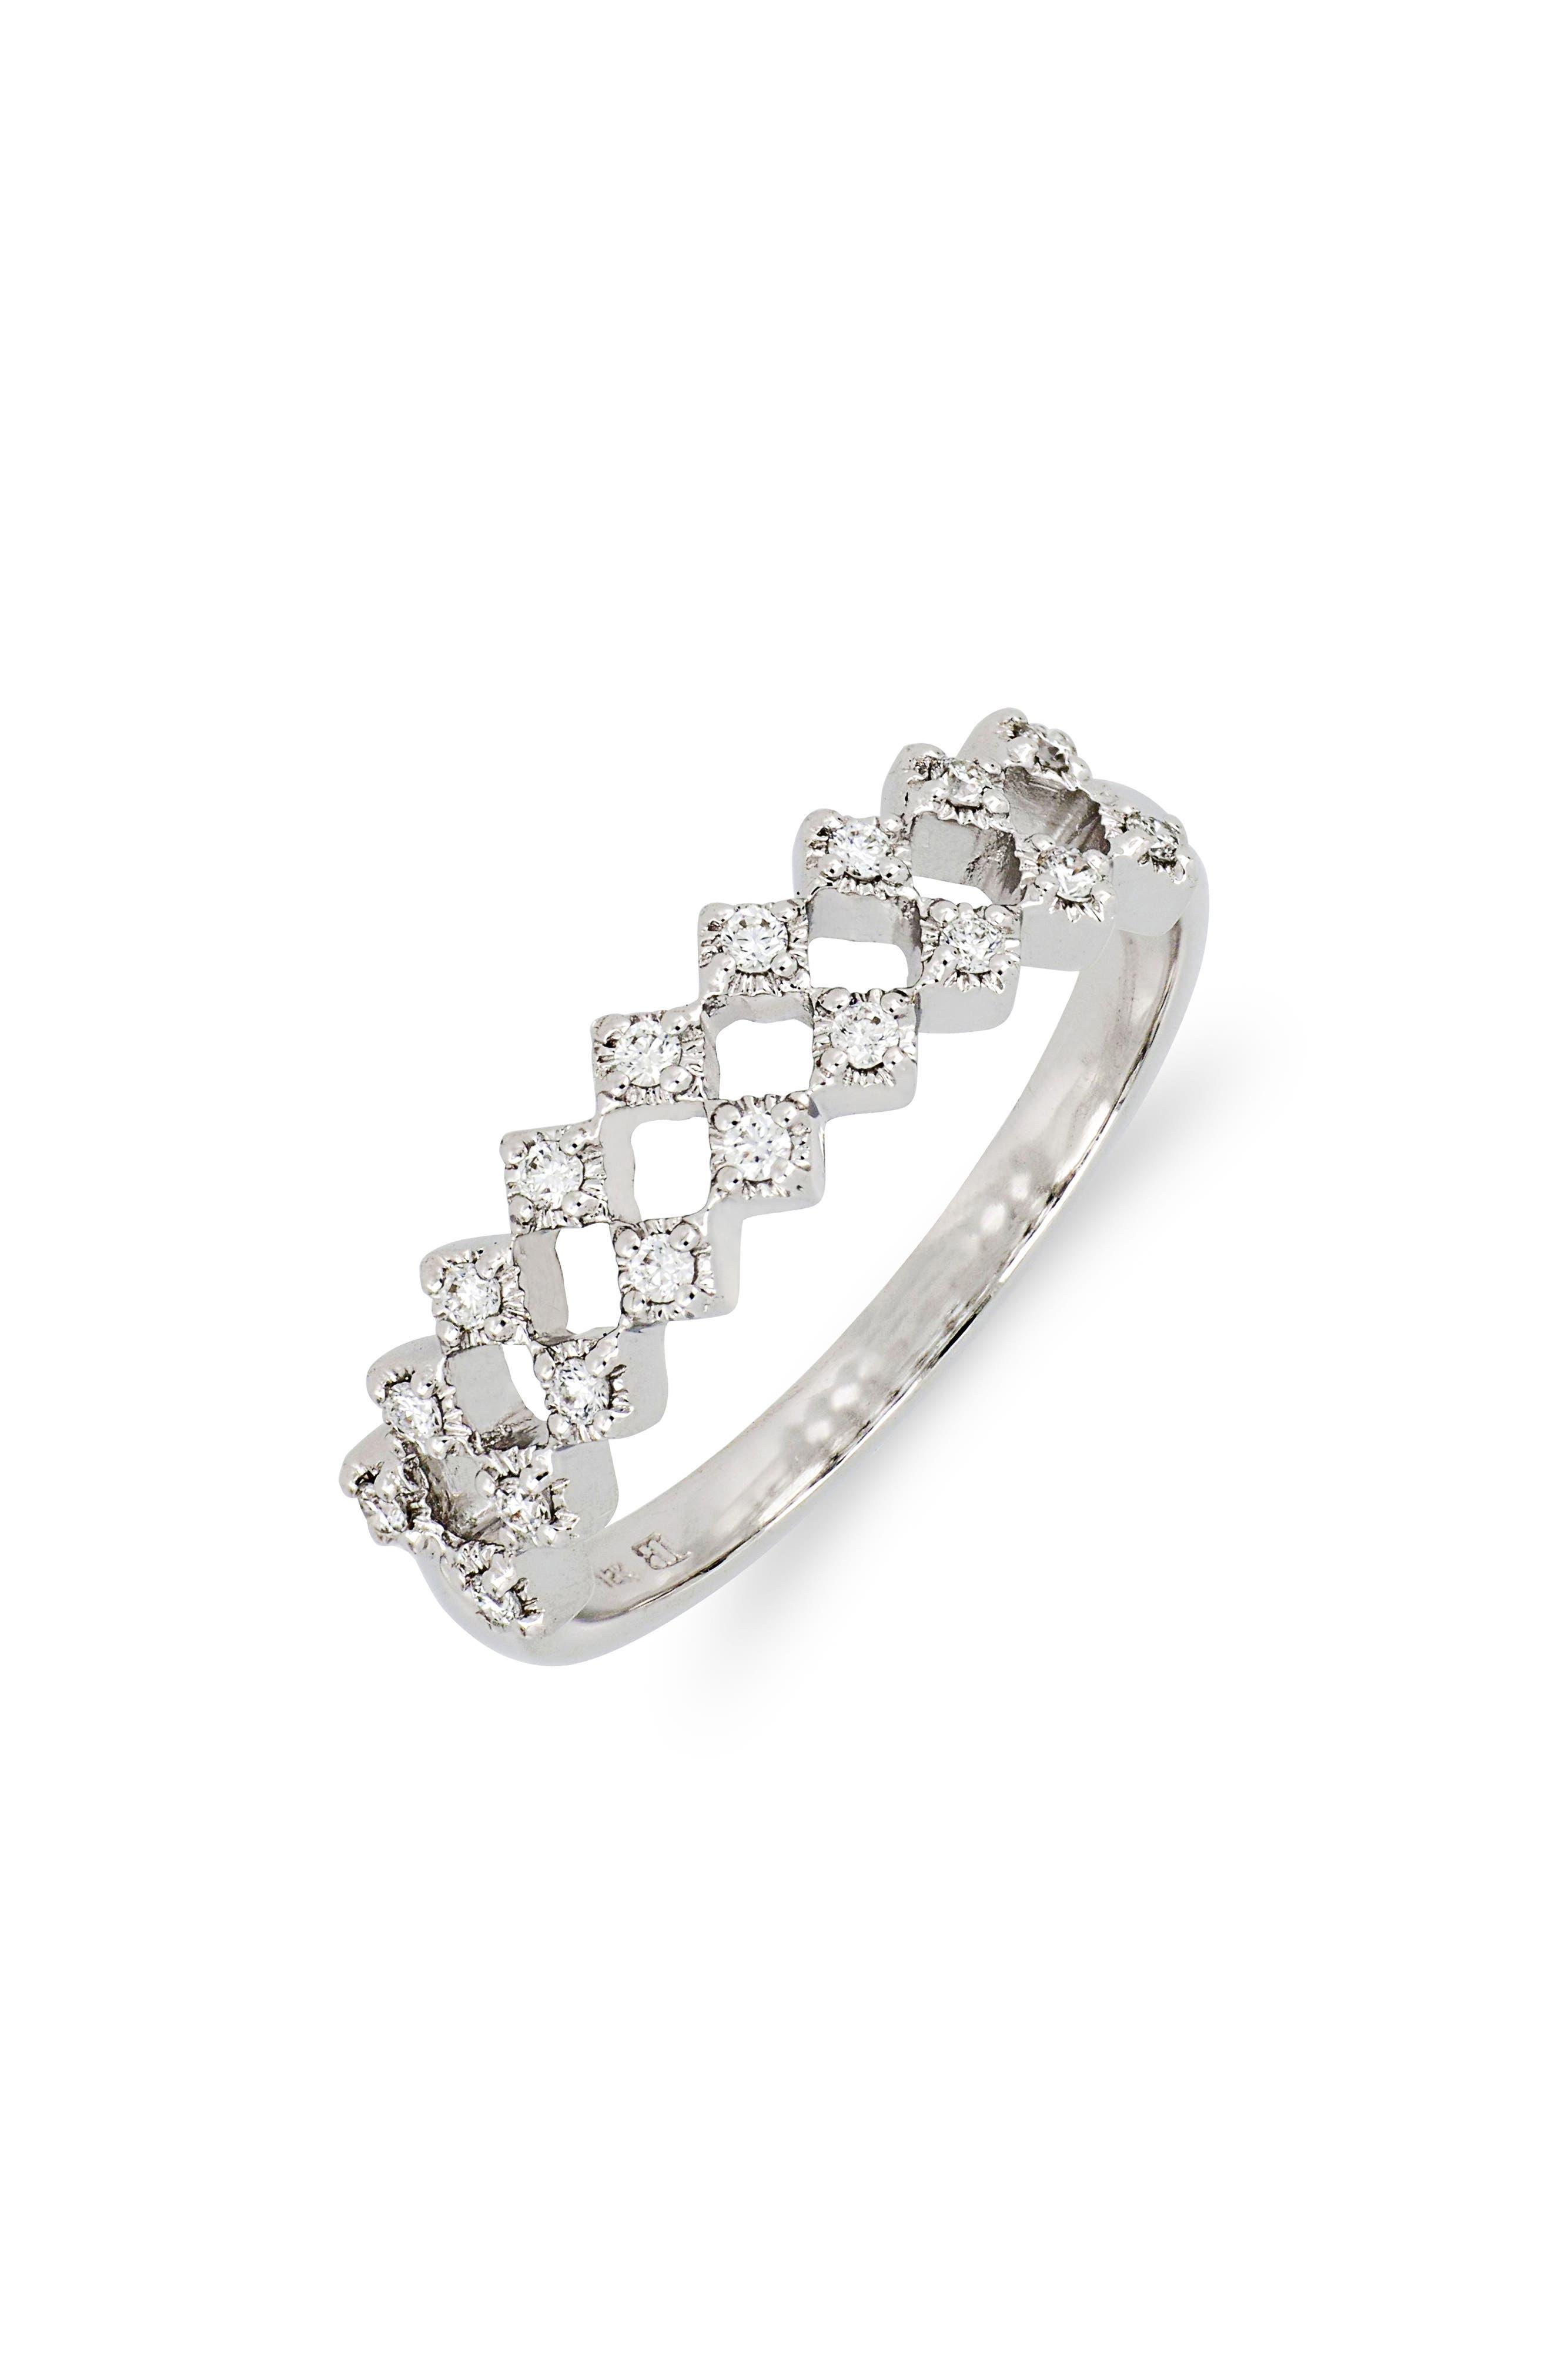 Mila Double Row Diamond Ring,                             Main thumbnail 1, color,                             WHITE GOLD